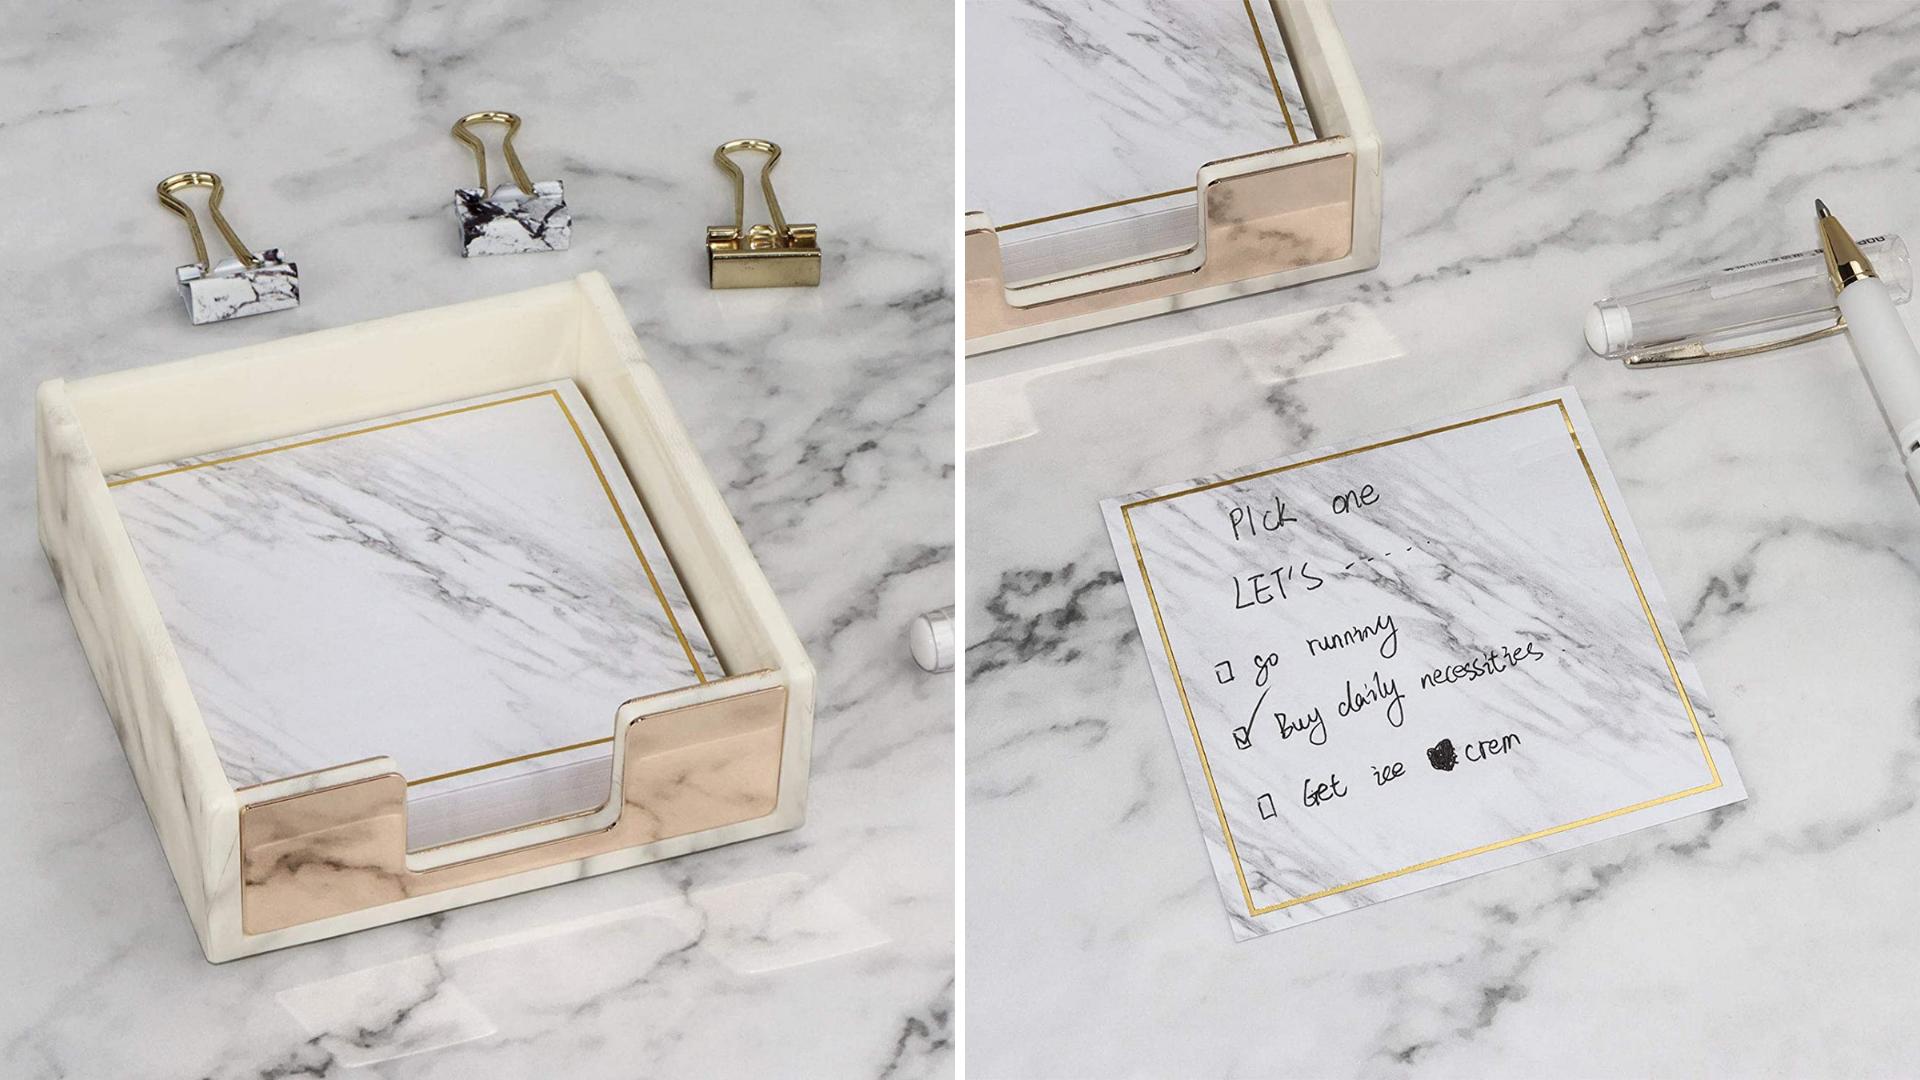 Les notes autocollantes sont faites pour ressembler à du marbre.